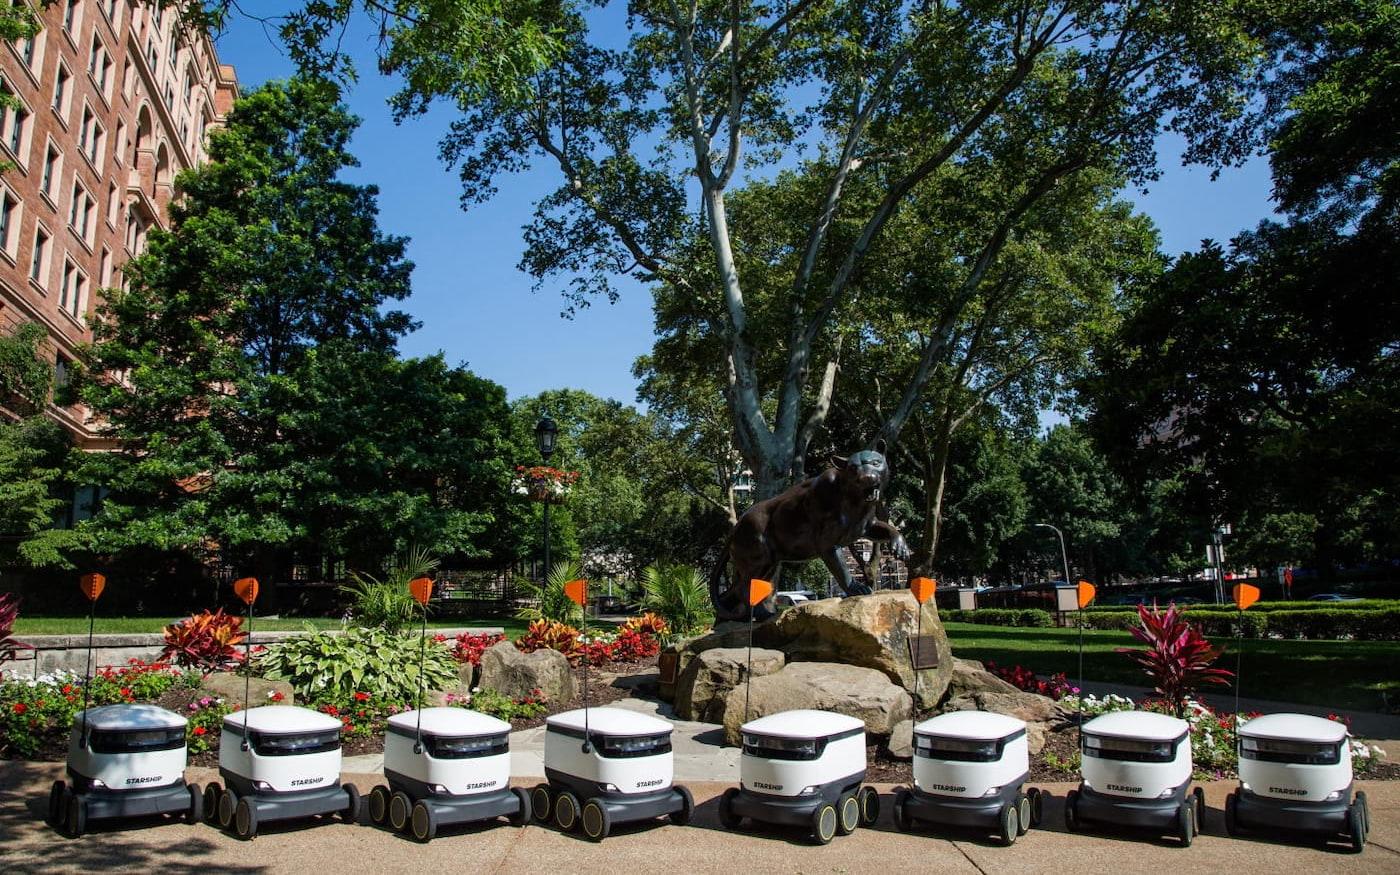 Milhares de robôs entregadores estão para chegar em universidades americanas